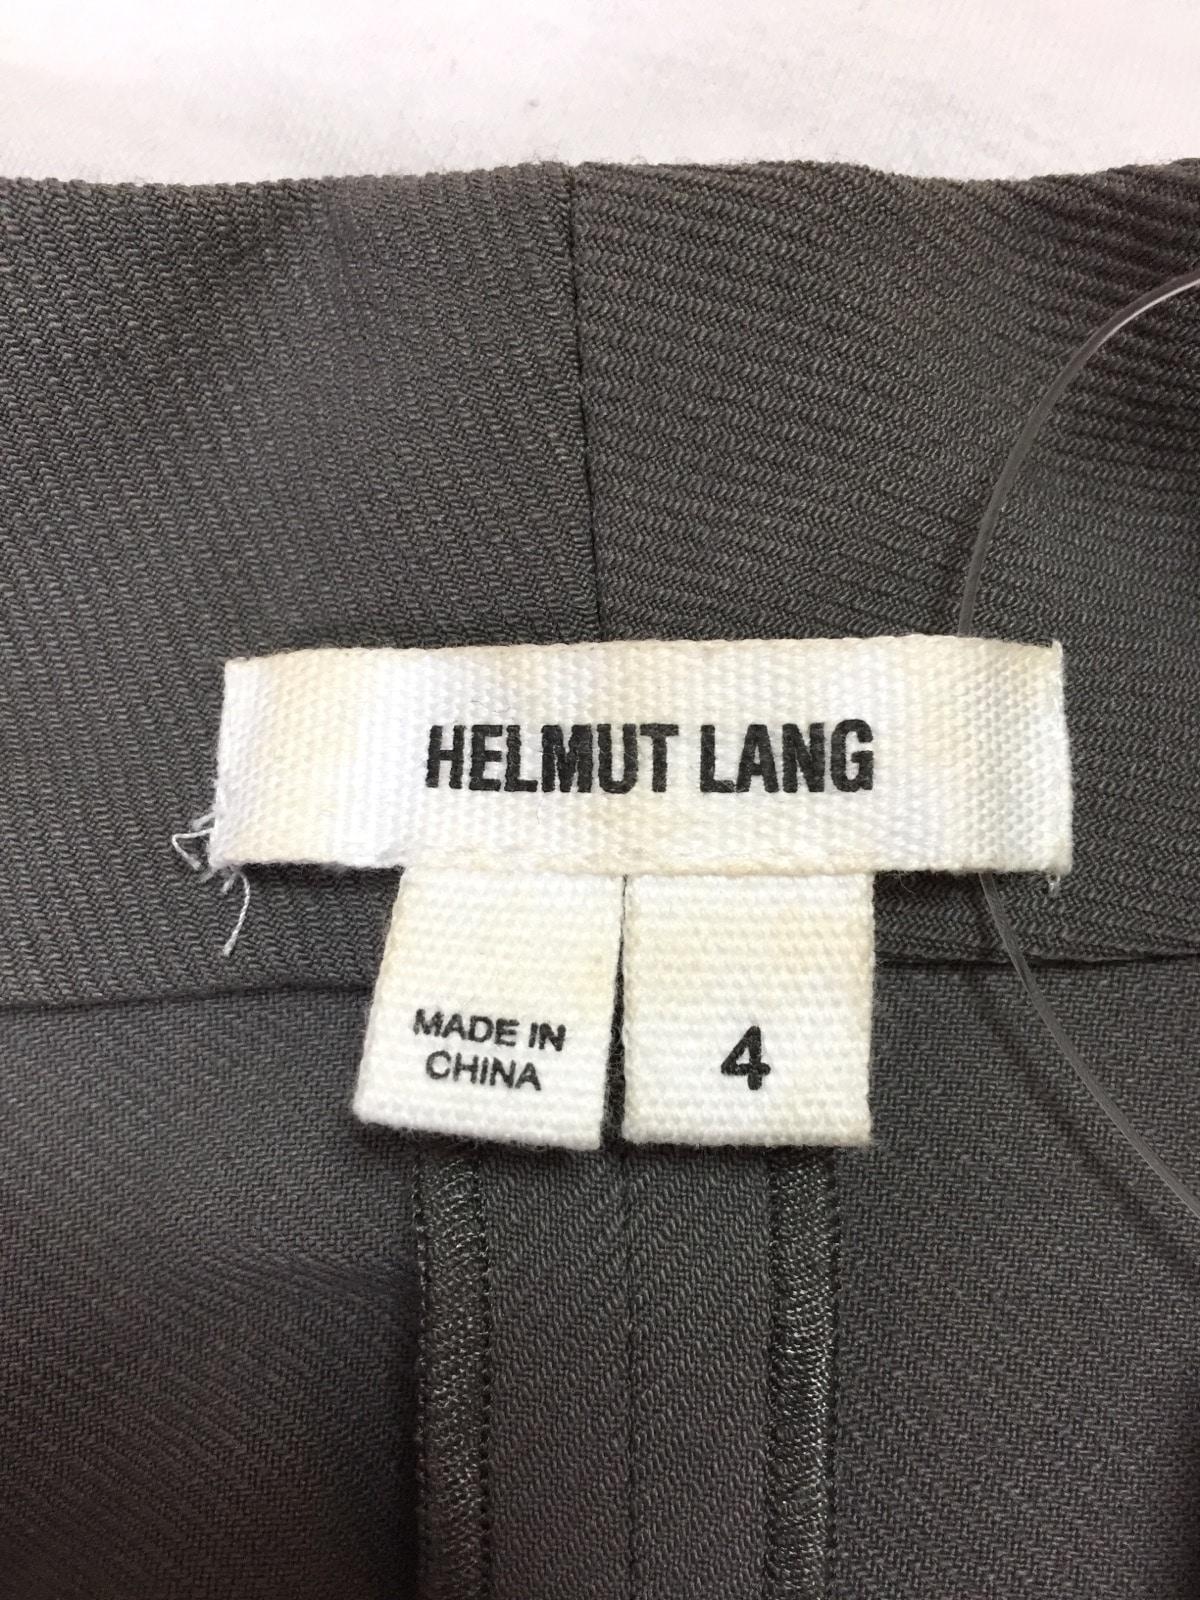 Helmut Lang(ヘルムートラング)のワンピース